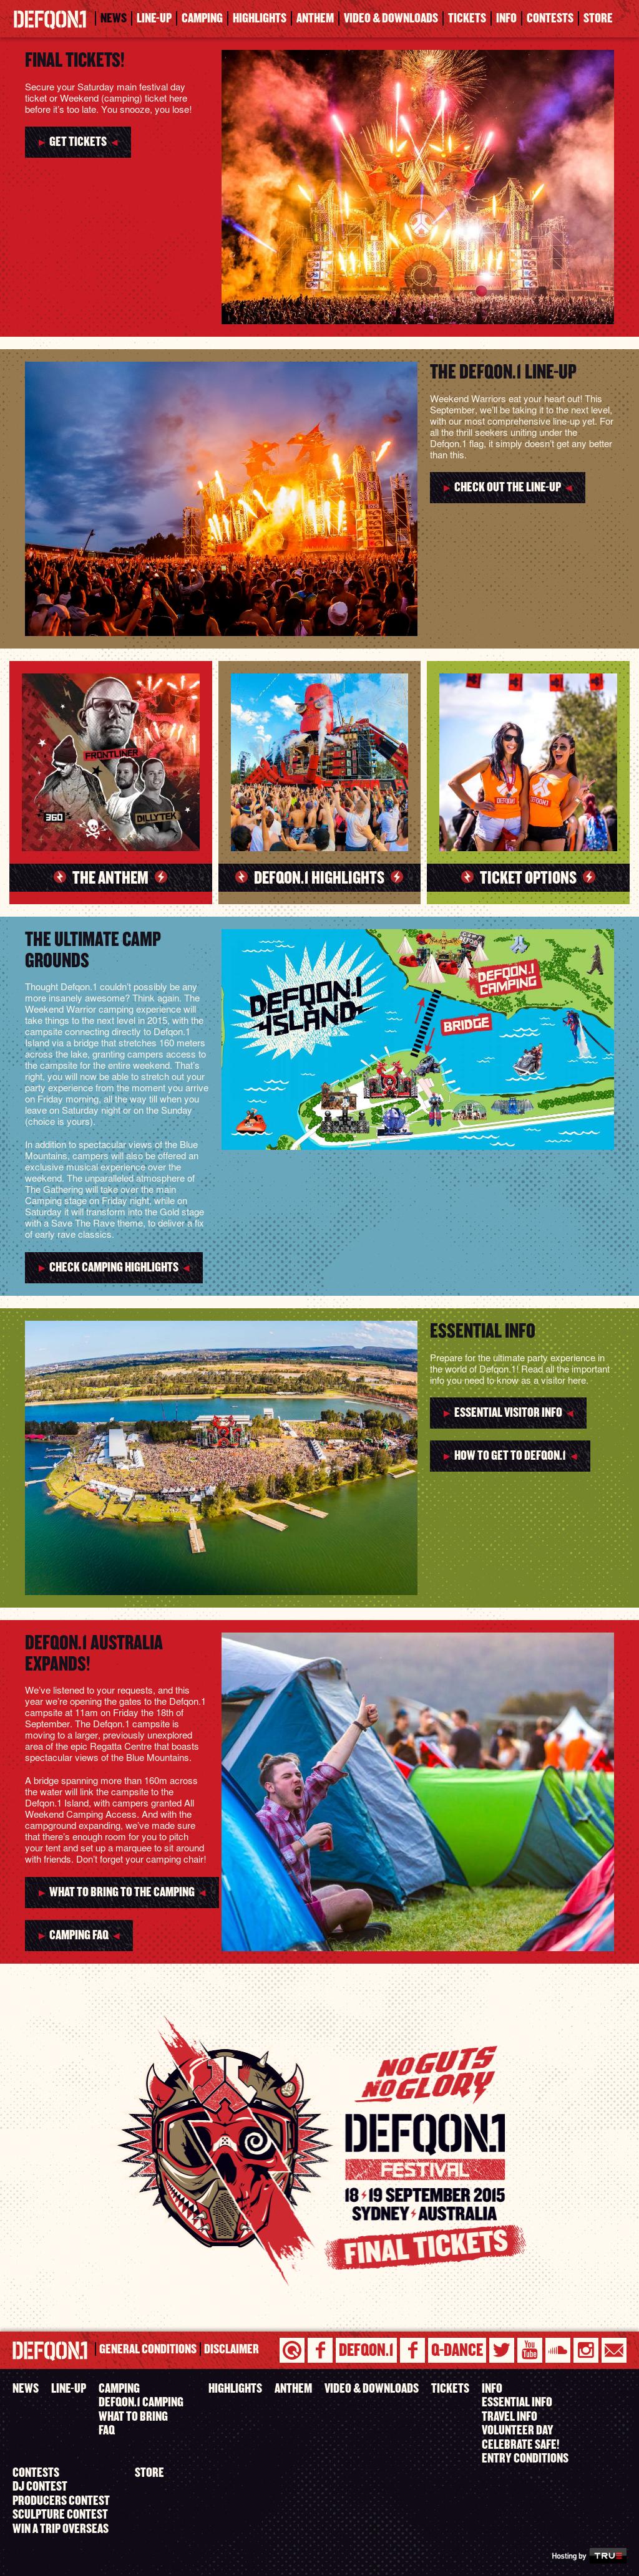 Defqon 1 Festival Australia Competitors, Revenue and